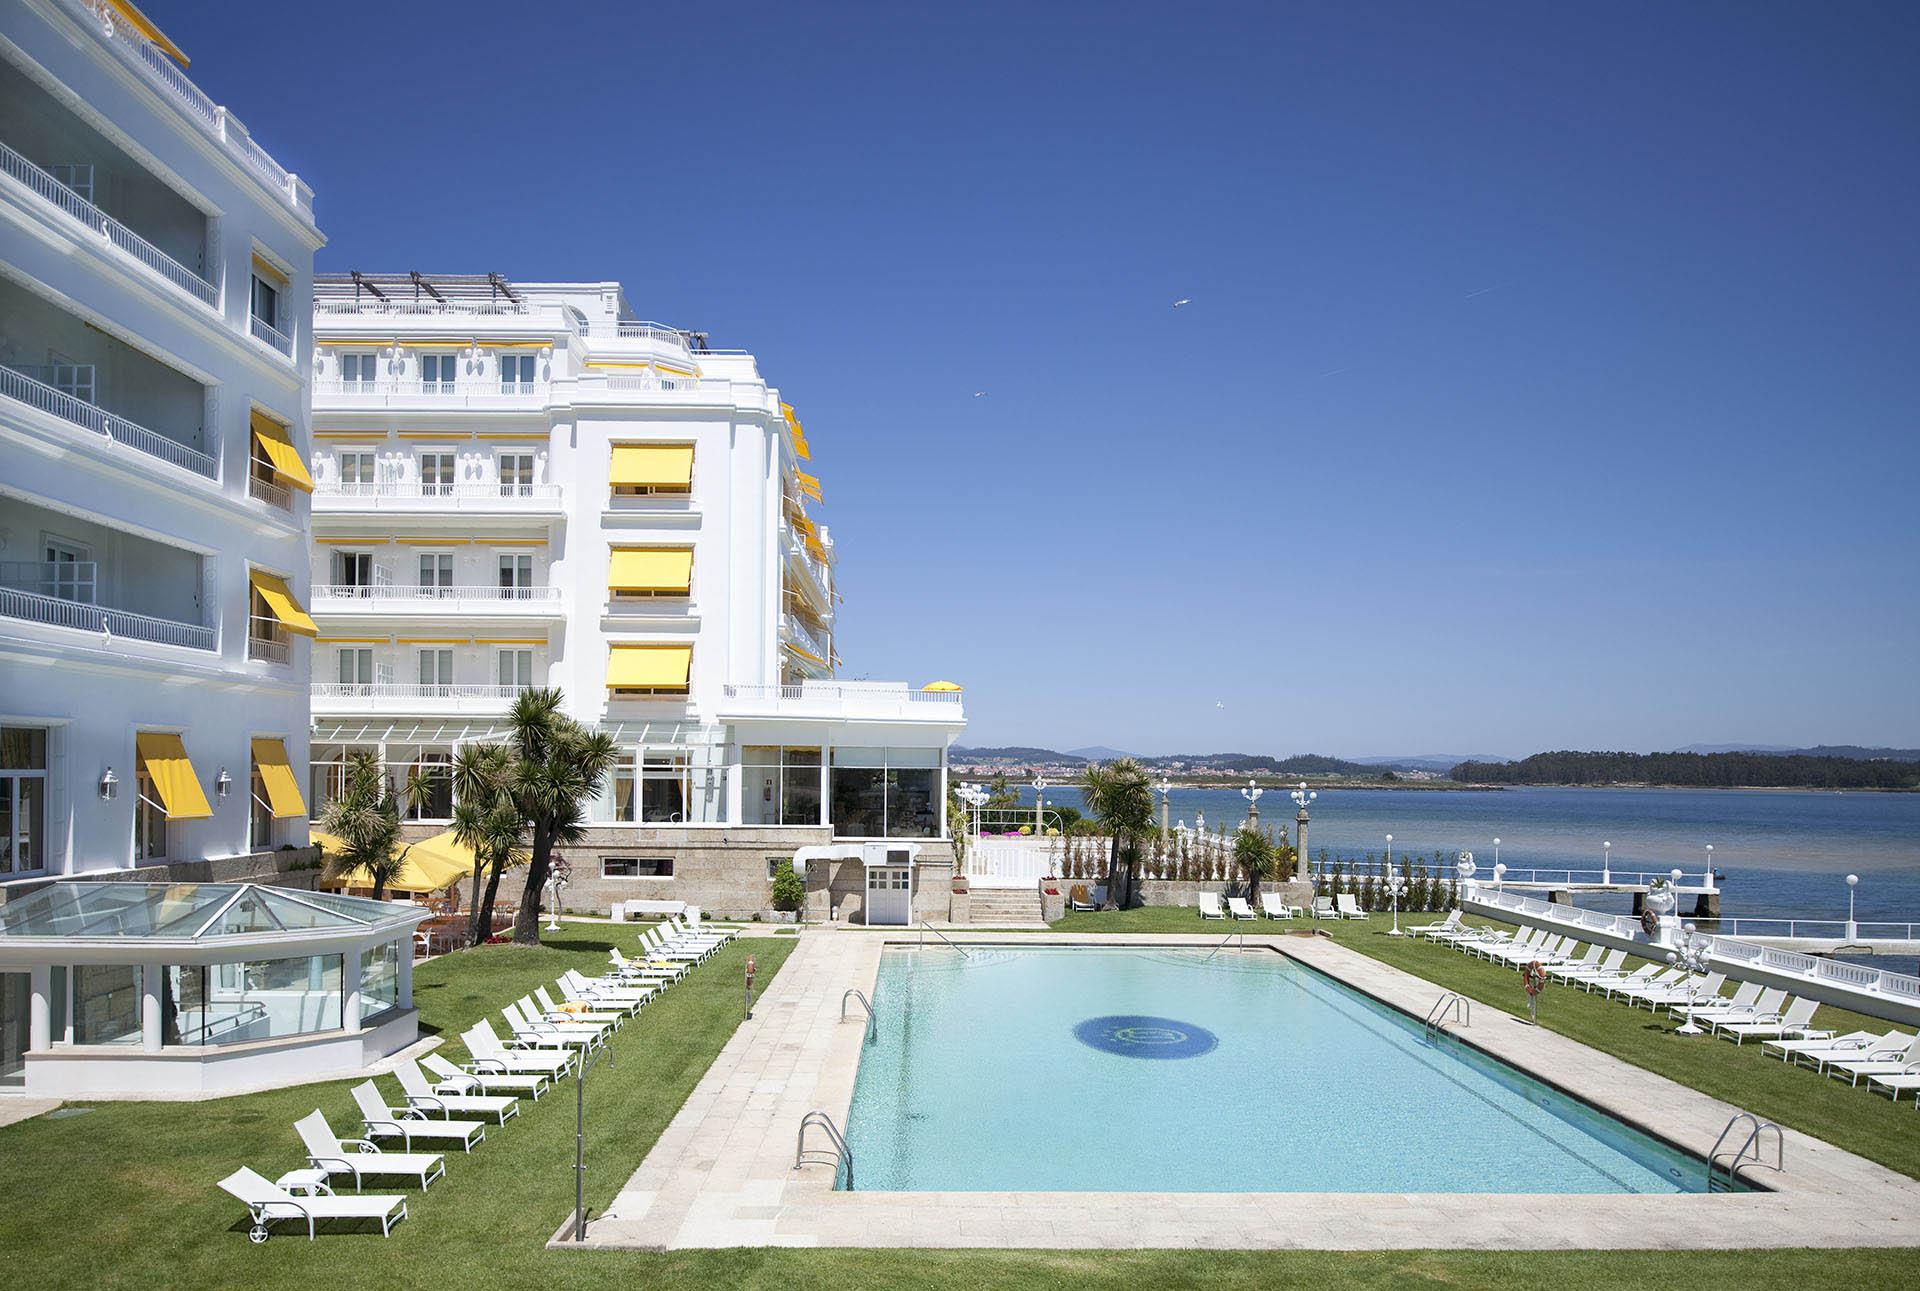 Hostelería Gran Hotel La Toja : 6